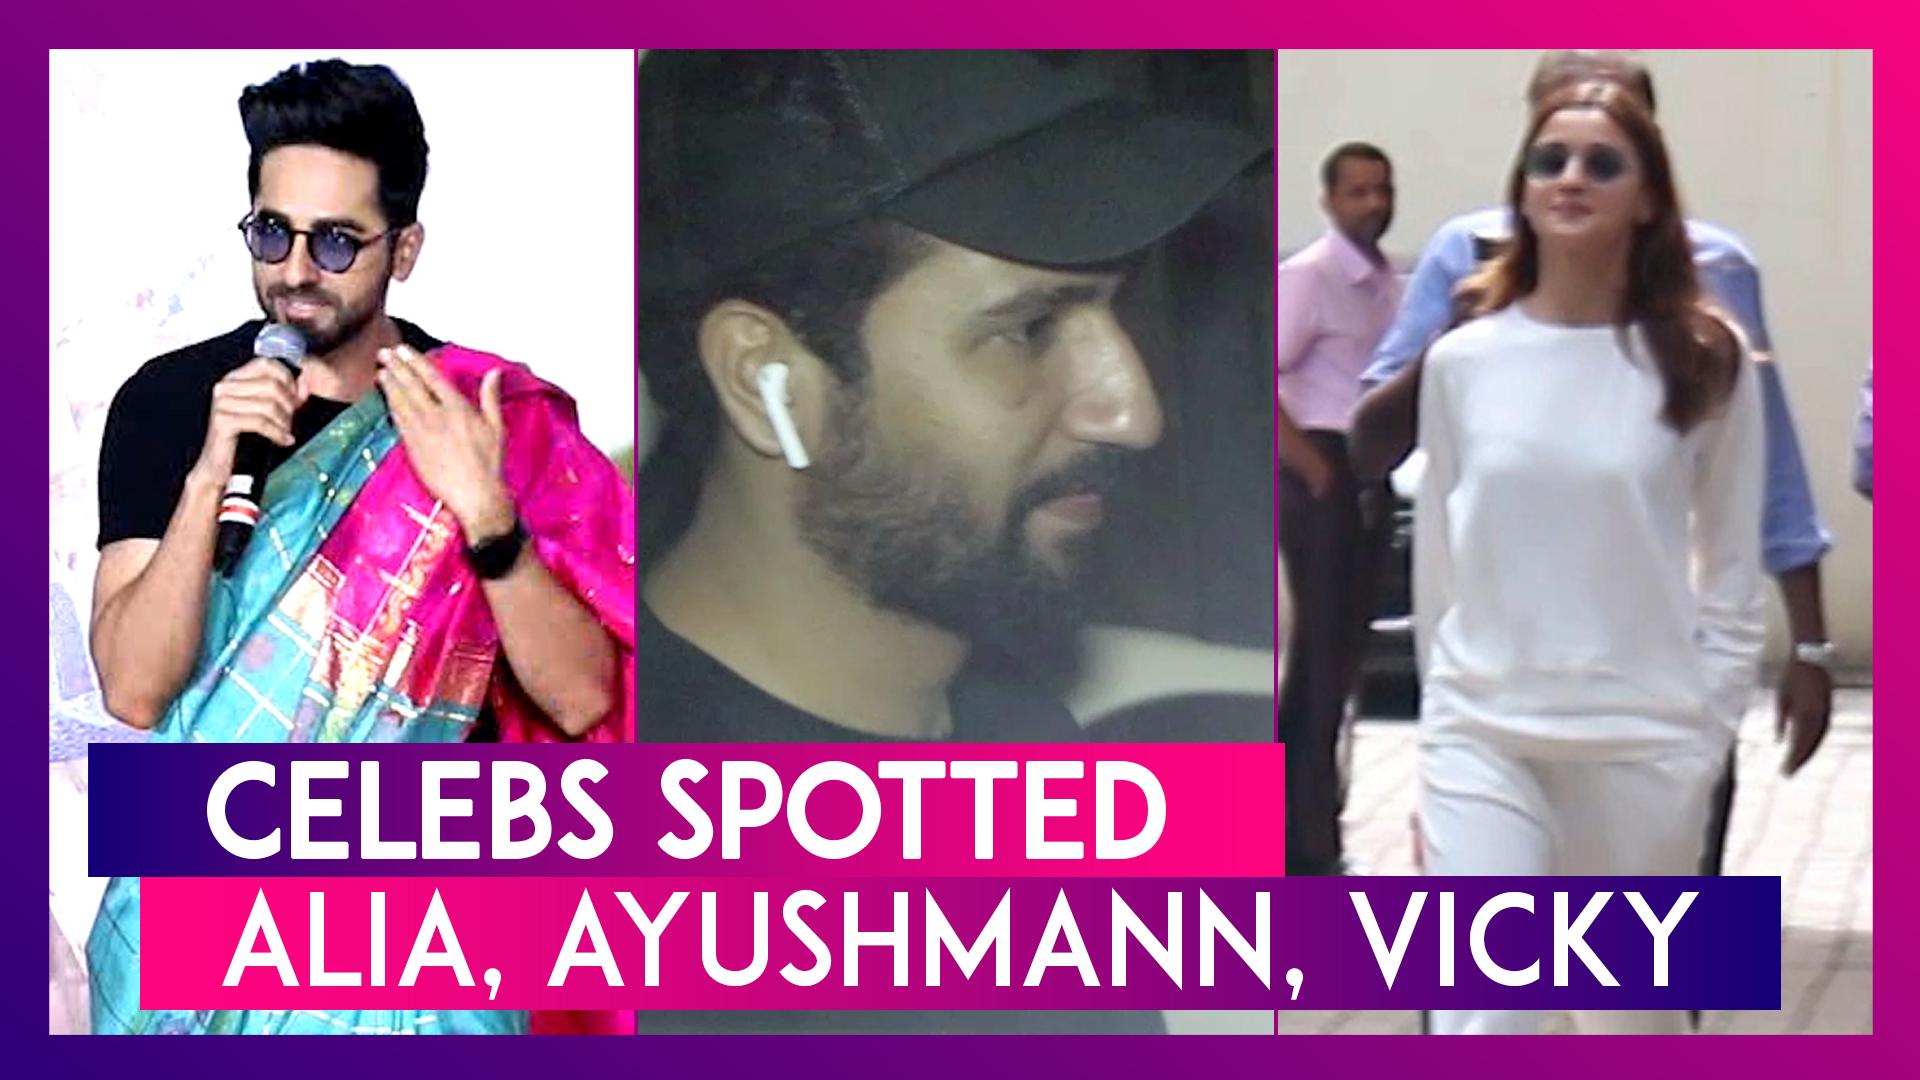 Bollywood Celebs Spotted: Shah Rukh Khan ने फैंस को दी ईद की बधाई, दूसरे स्टार्स यहां हुए स्पॉट